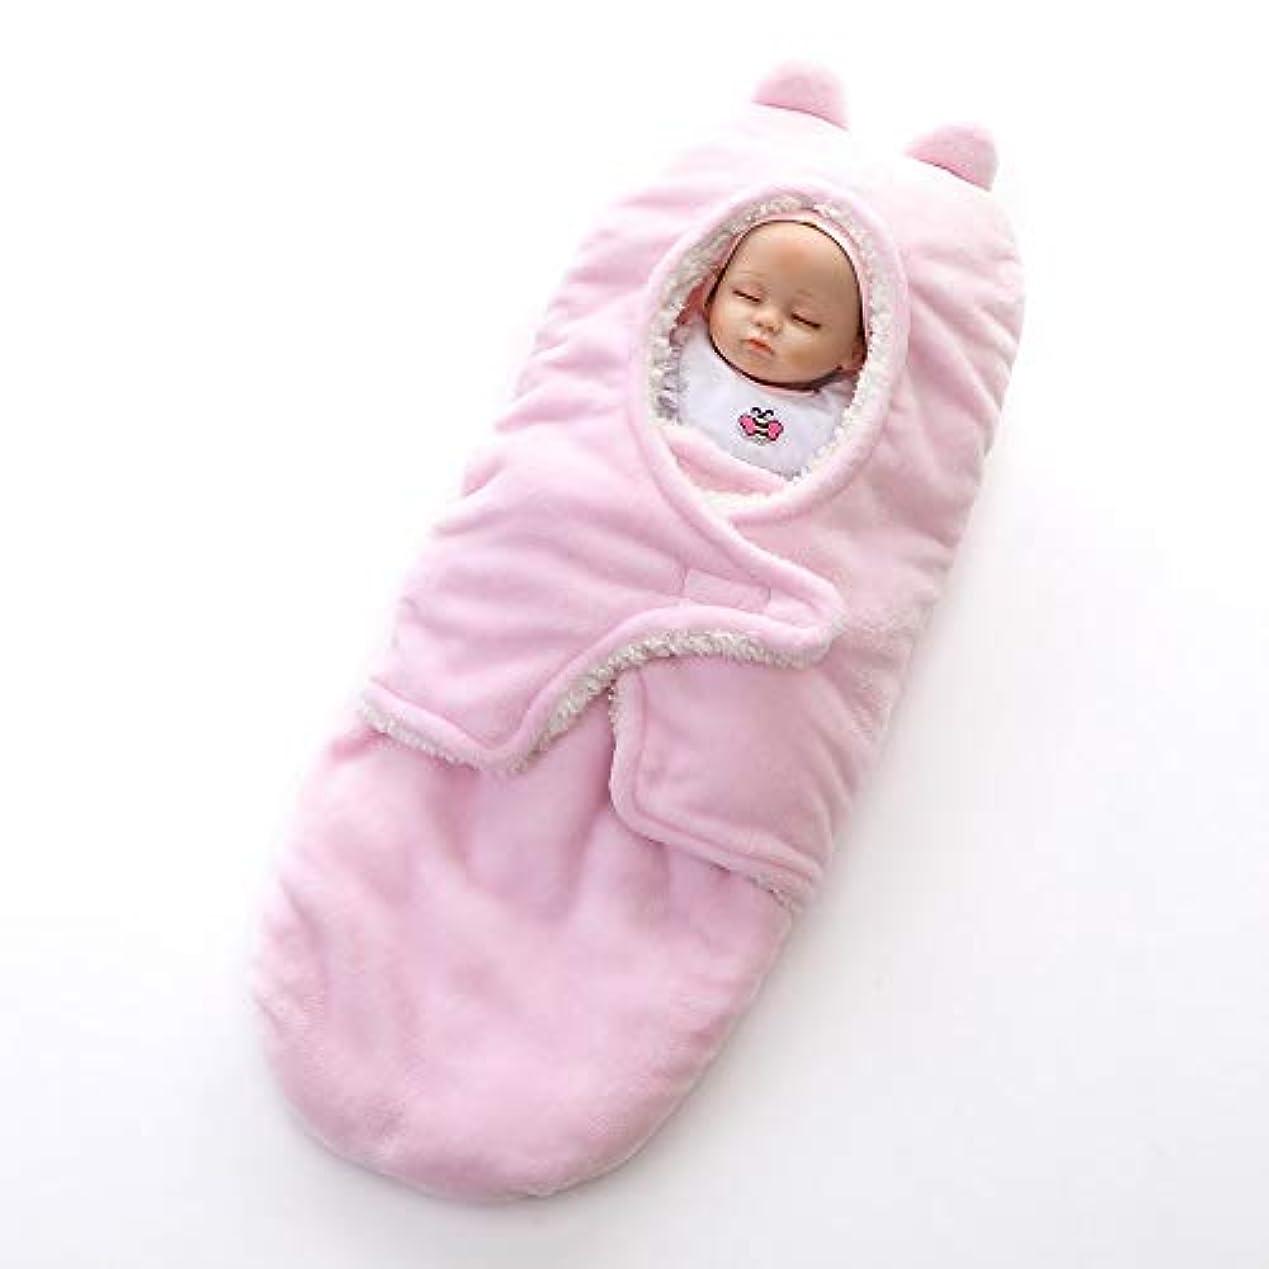 エンジニアリング馬力永久にベビー寝袋 寝袋に包まれた毛布を受けおくるみブランケットフランネルに包まれた新生児ニットベビーカー用 新生児睡眠カプセル (色 : ピンク, サイズ : 40X78cm)